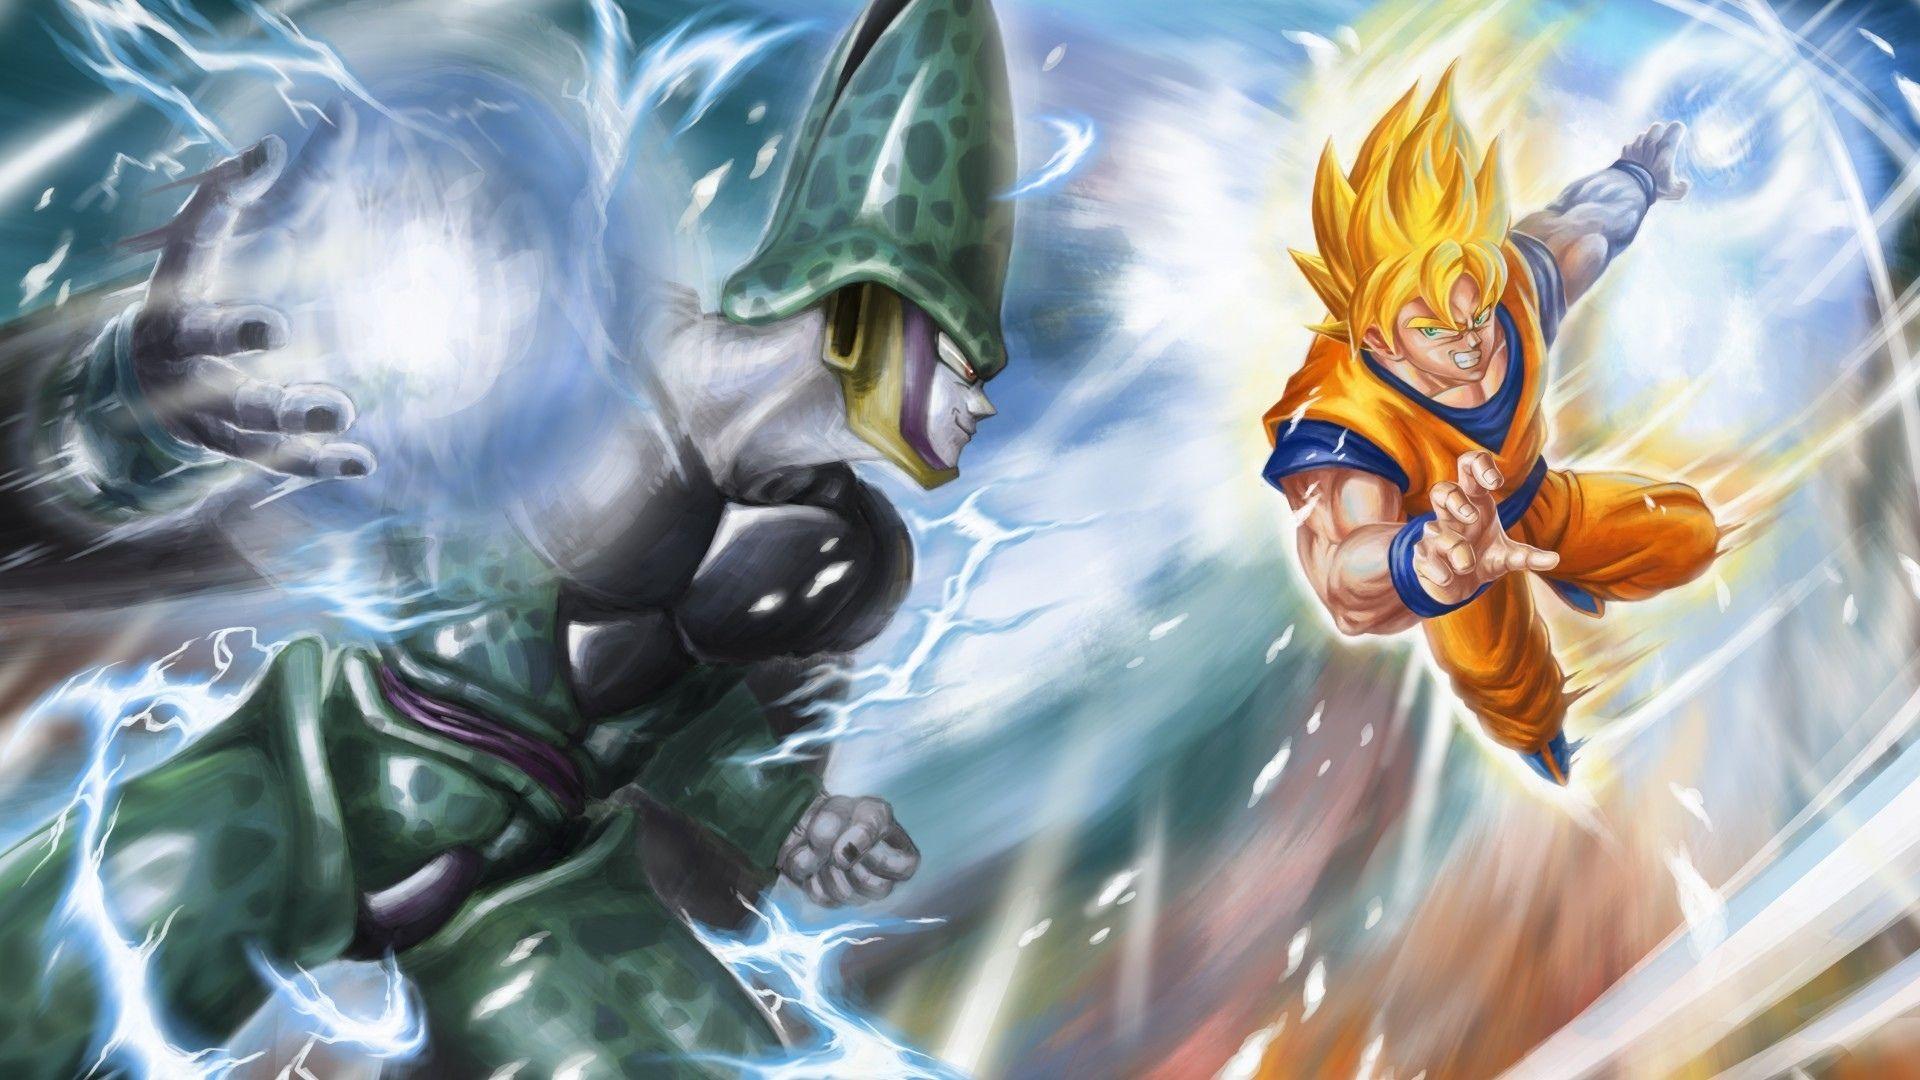 Anime Dragon Ball Z Goku Cell Dragon Ball Fondo De Pantalla Fondos De Pantalla Goku Personajes De Dragon Ball Dragones